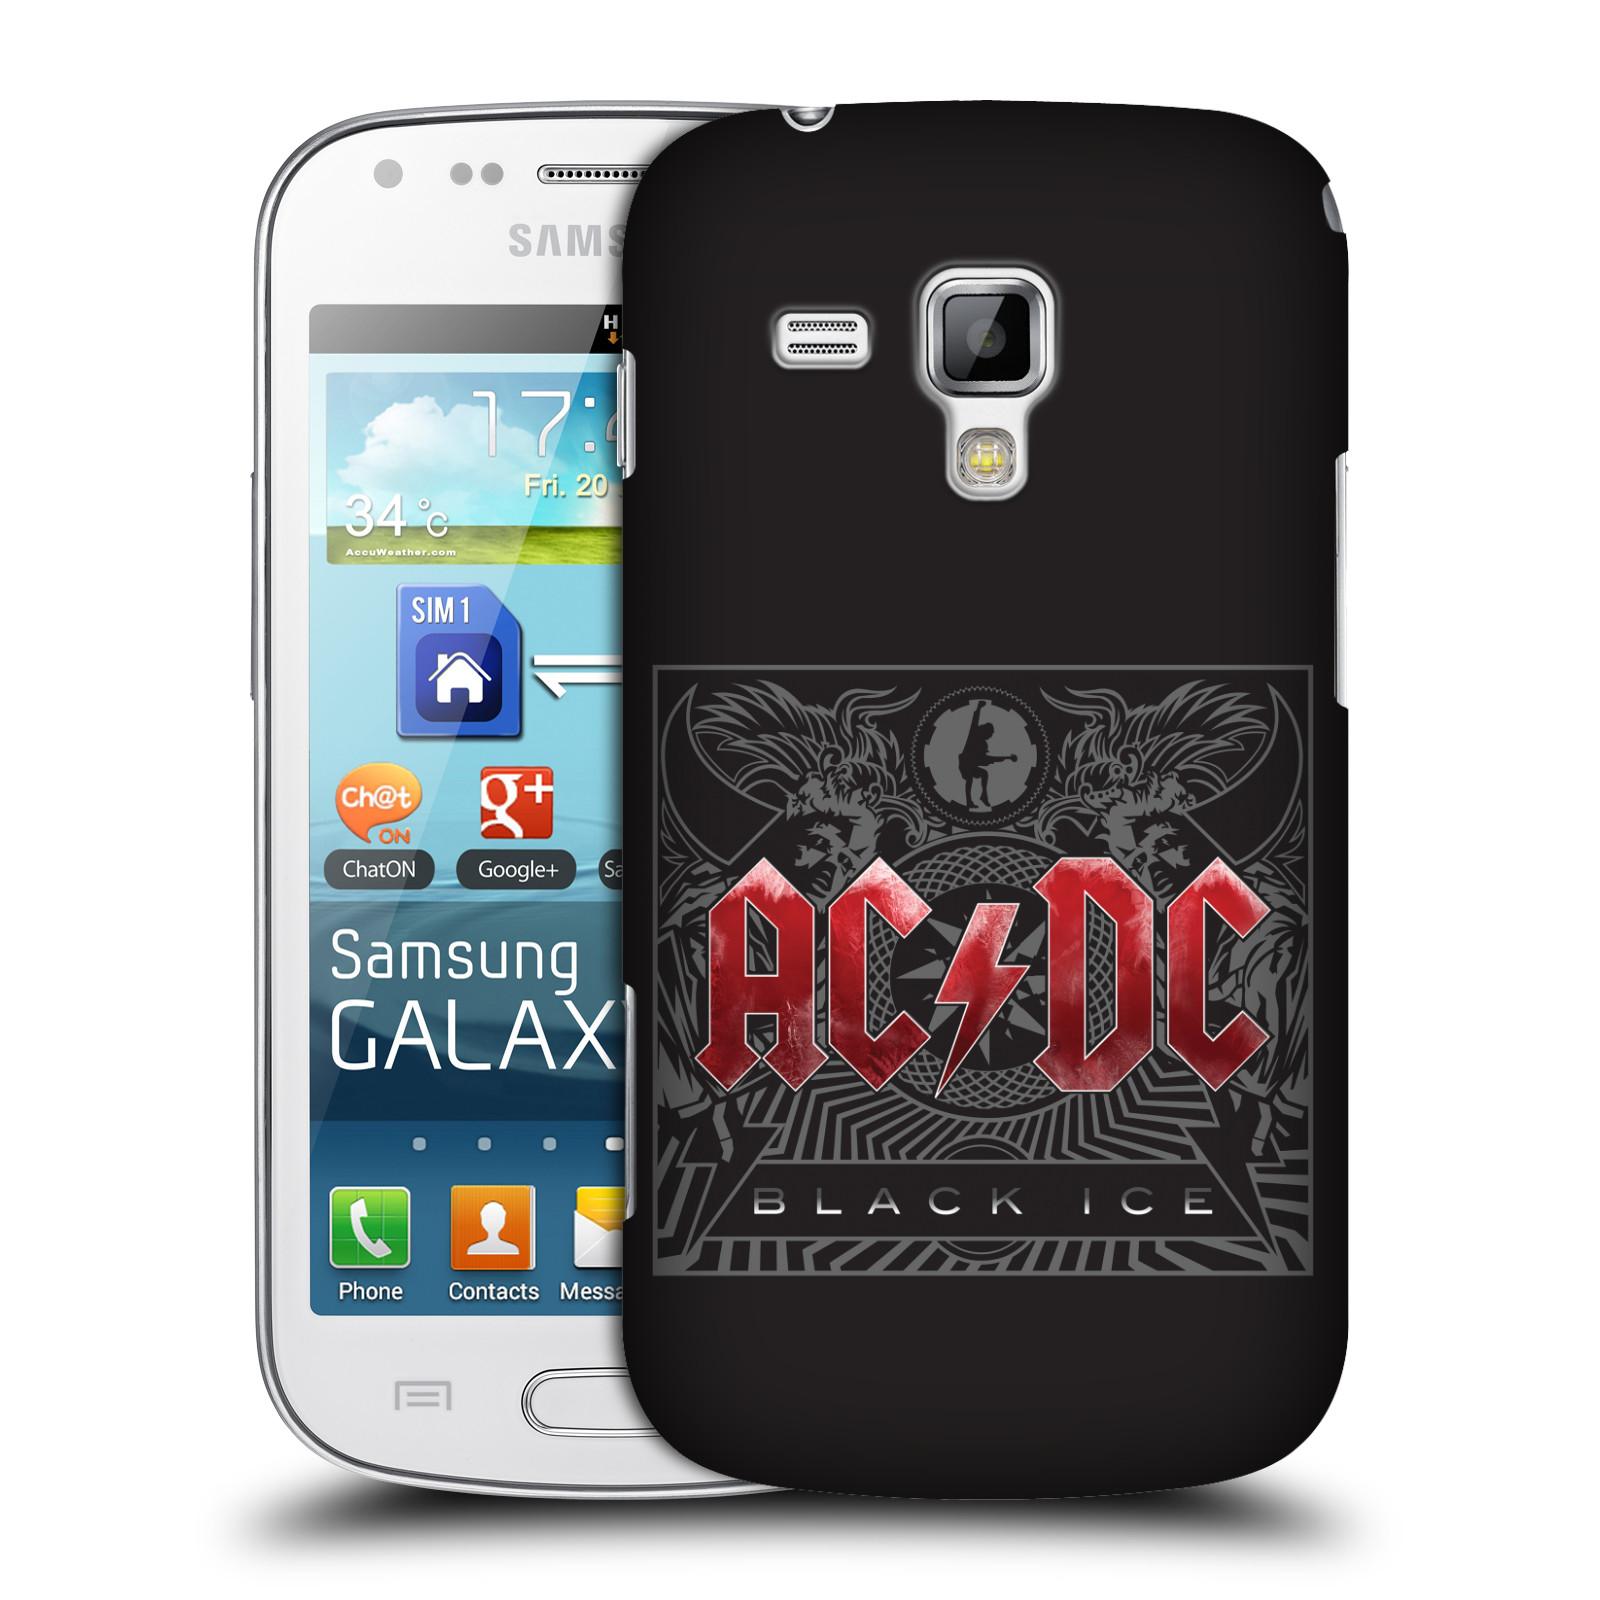 Plastové pouzdro na mobil Samsung Galaxy S Duos 2 HEAD CASE AC/DC Black Ice (Plastový kryt či obal na mobilní telefon s oficiálním motivem australské skupiny AC/DC pro Samsung Galaxy S Duos 2 GT-S7582)